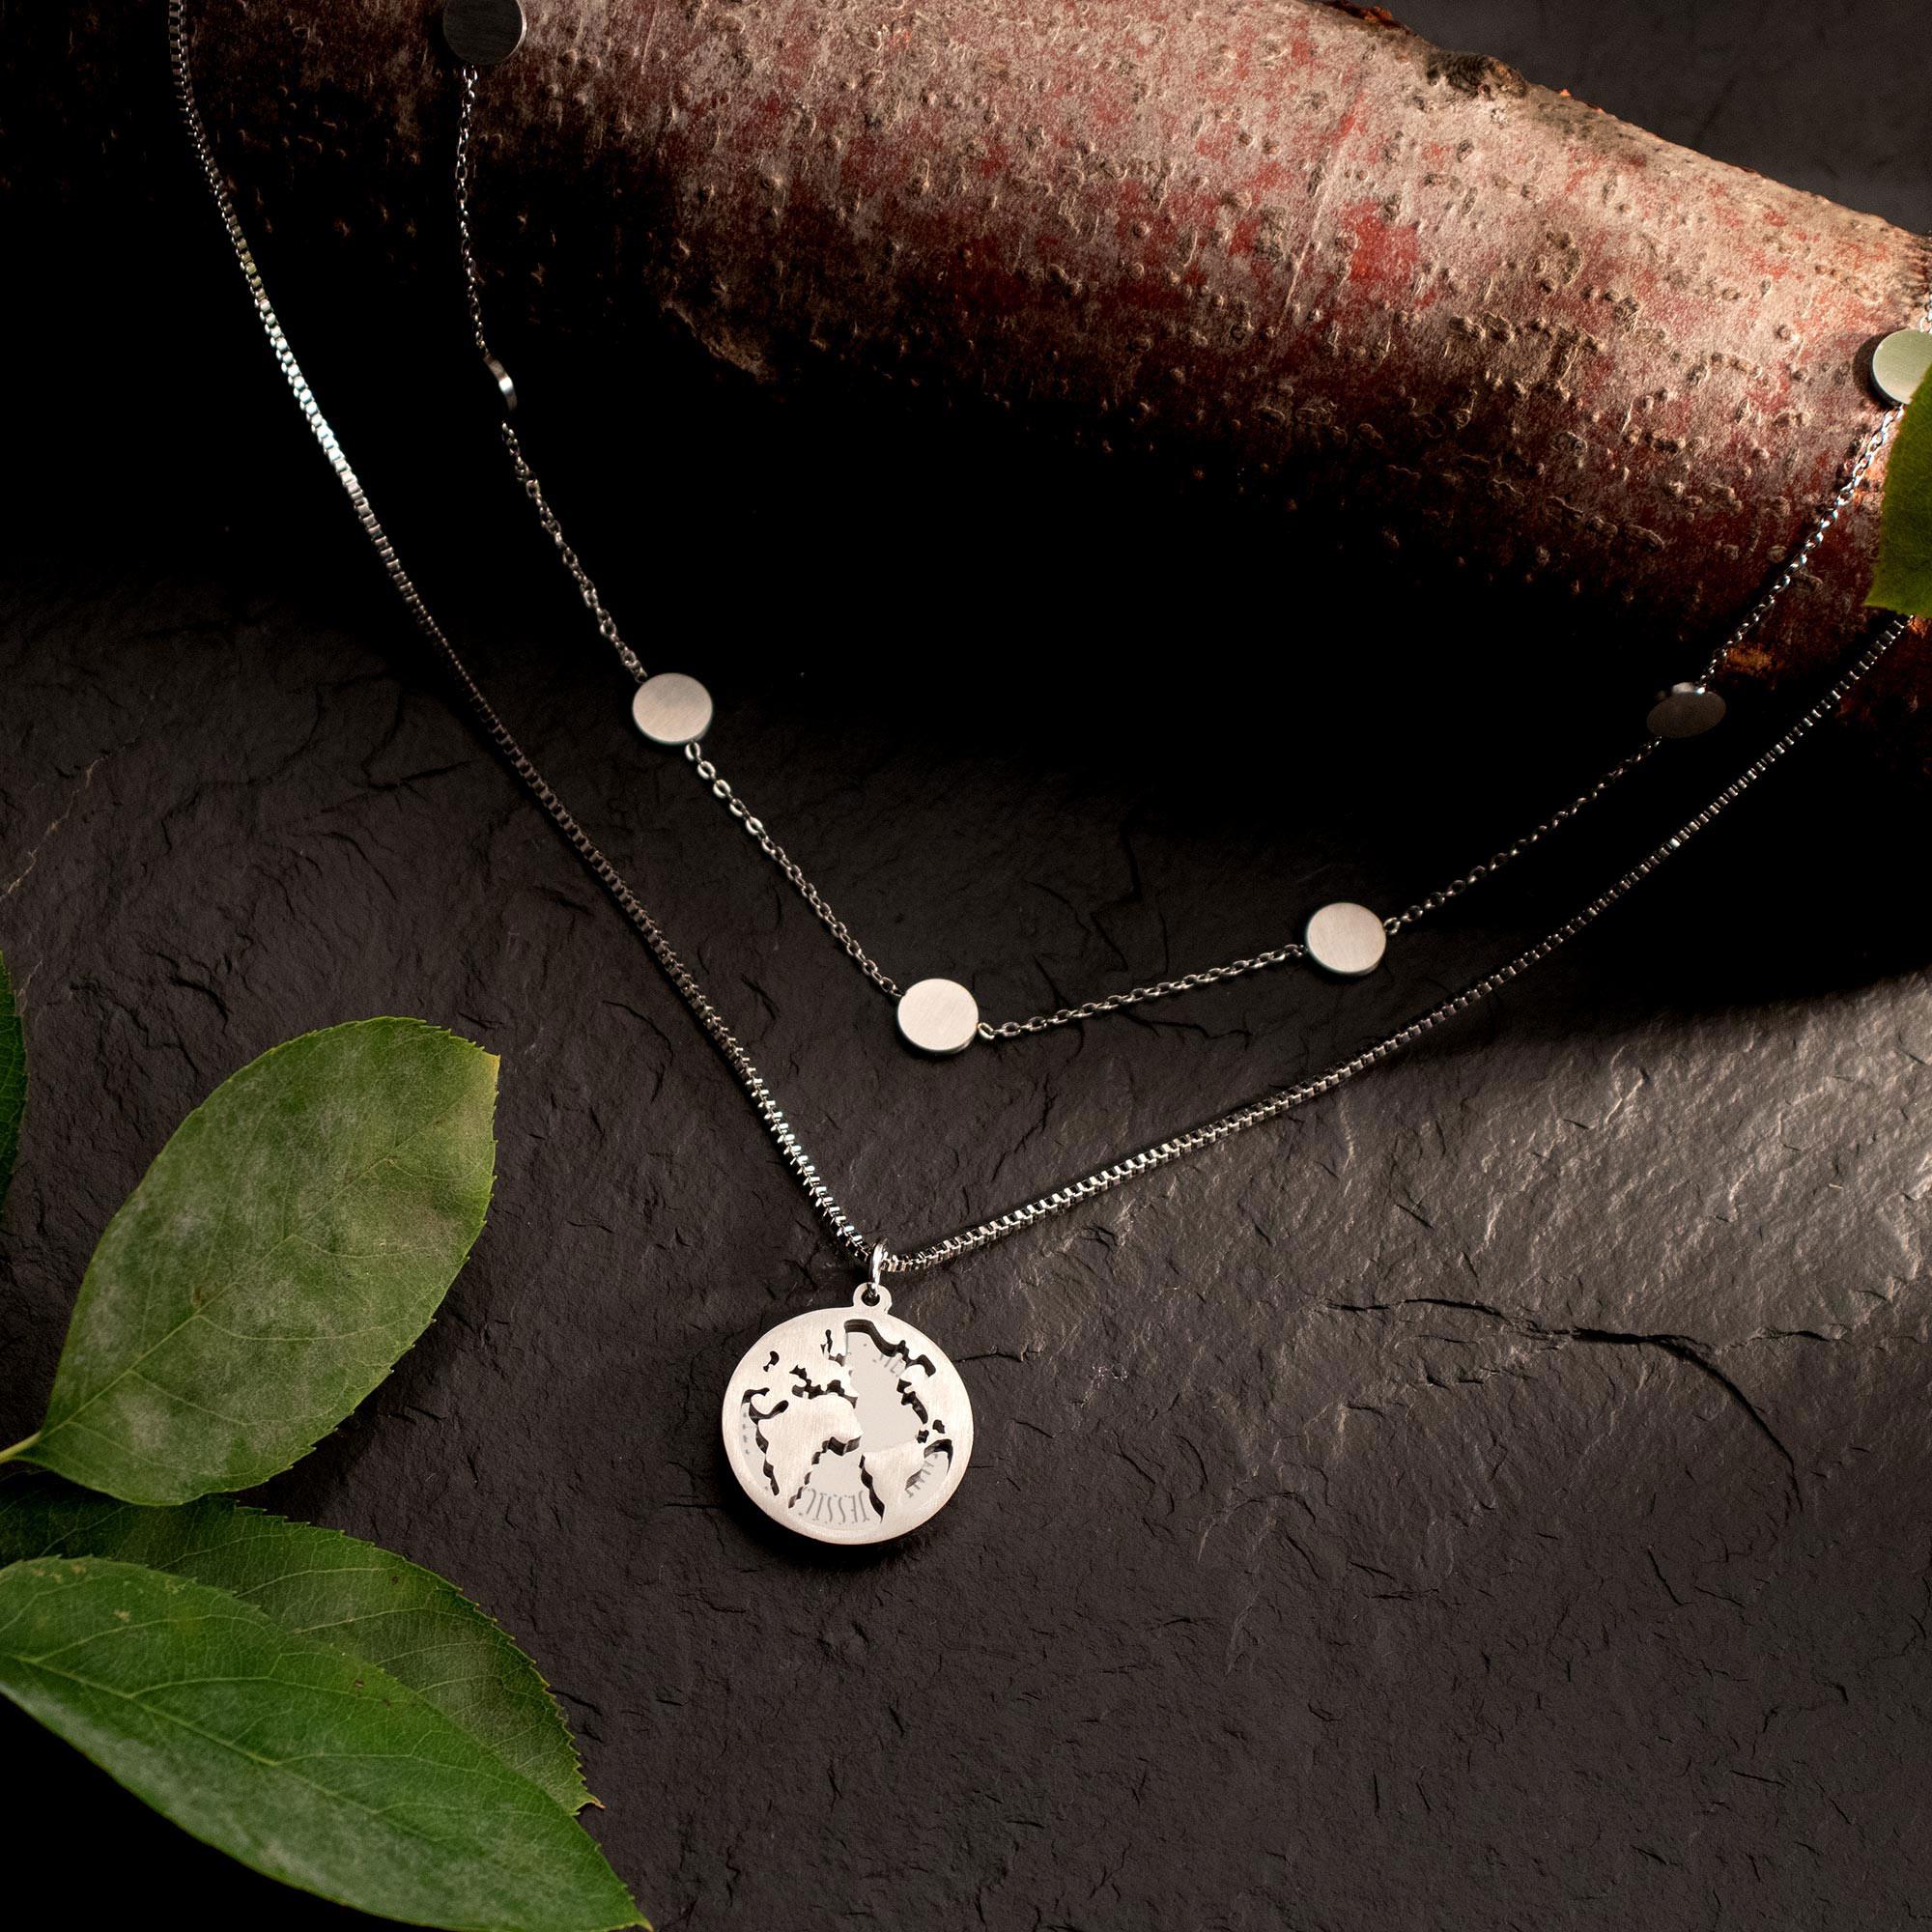 Schmuckset Silber mit Globus und Layering Kette - Namen